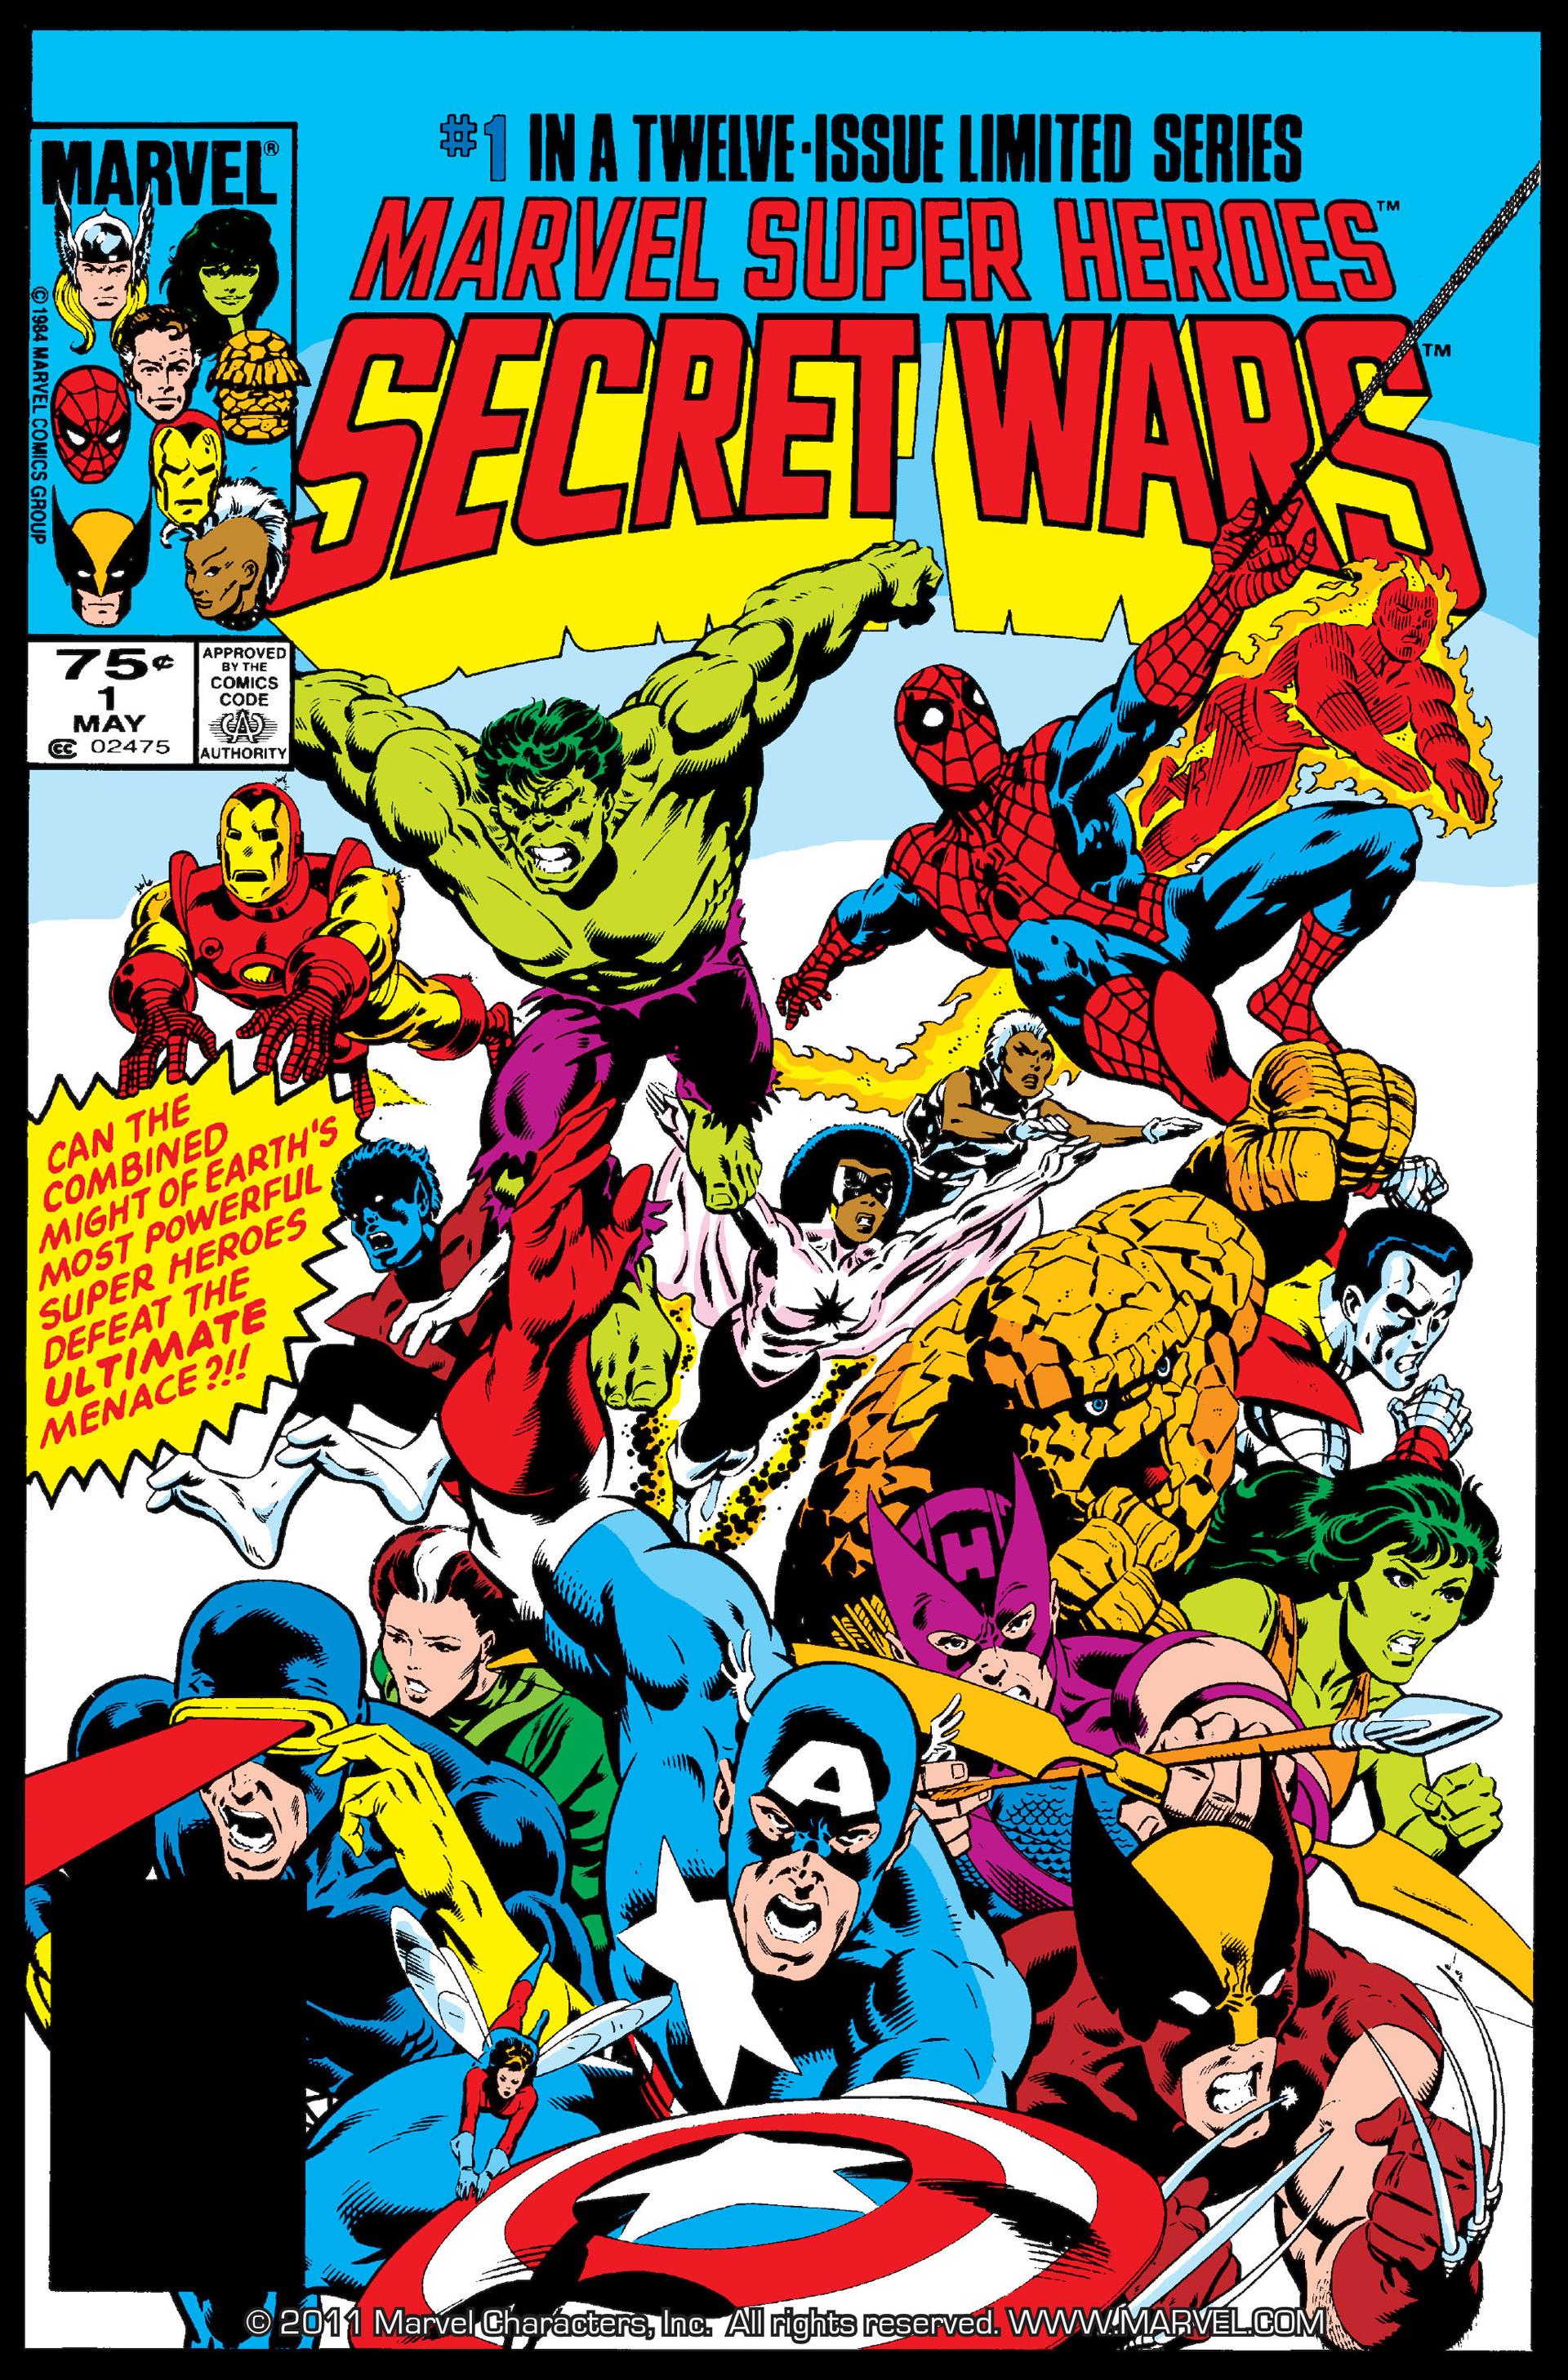 Marvel Super Heroes Secret Wars (1984) 1 Page 1